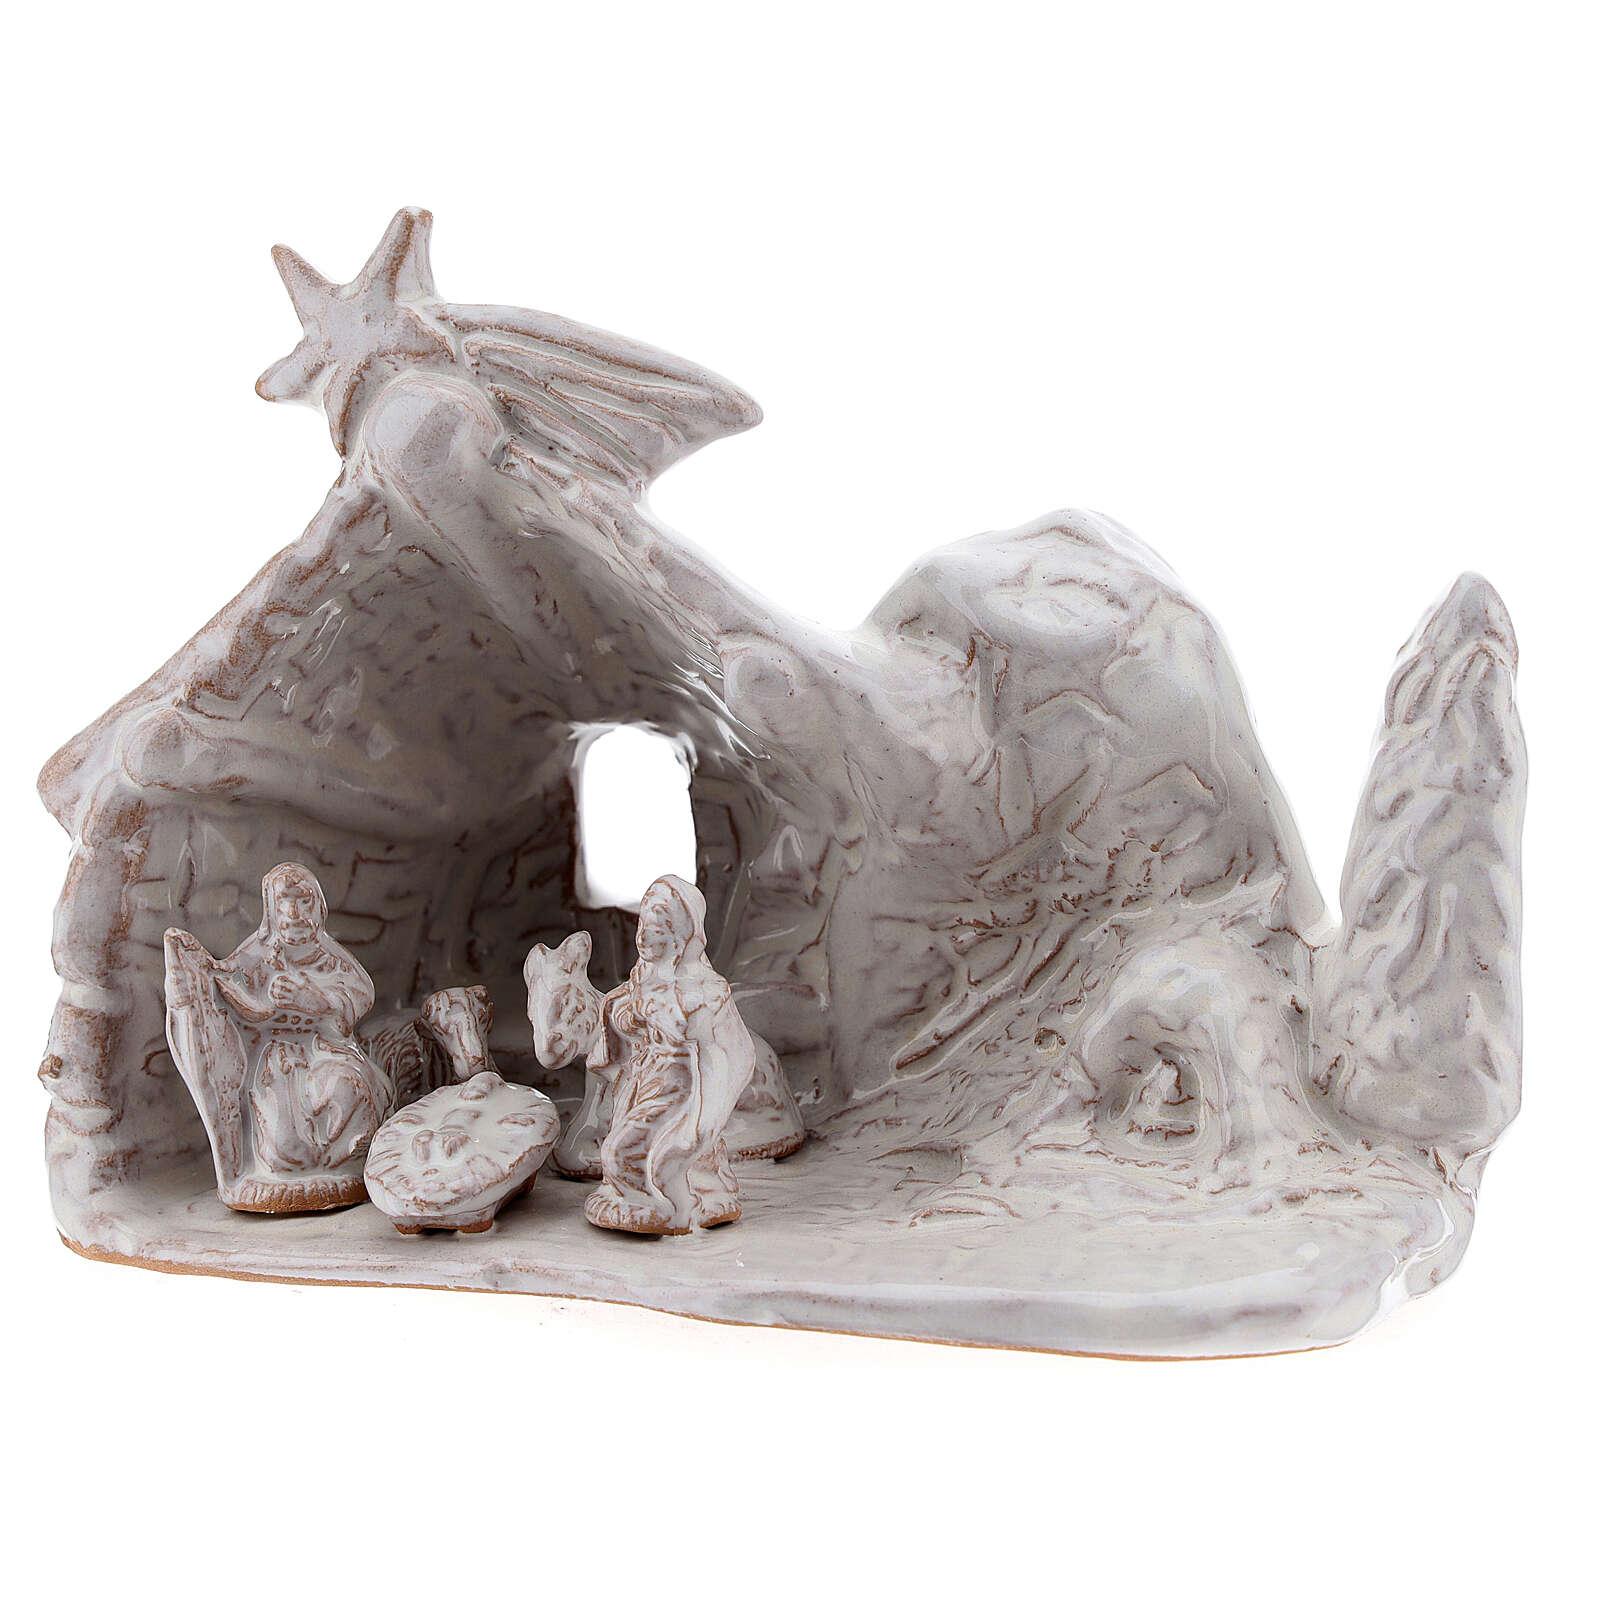 Petite cabane avec arbre nativité terre cuite blanche Deruta 10 cm 4